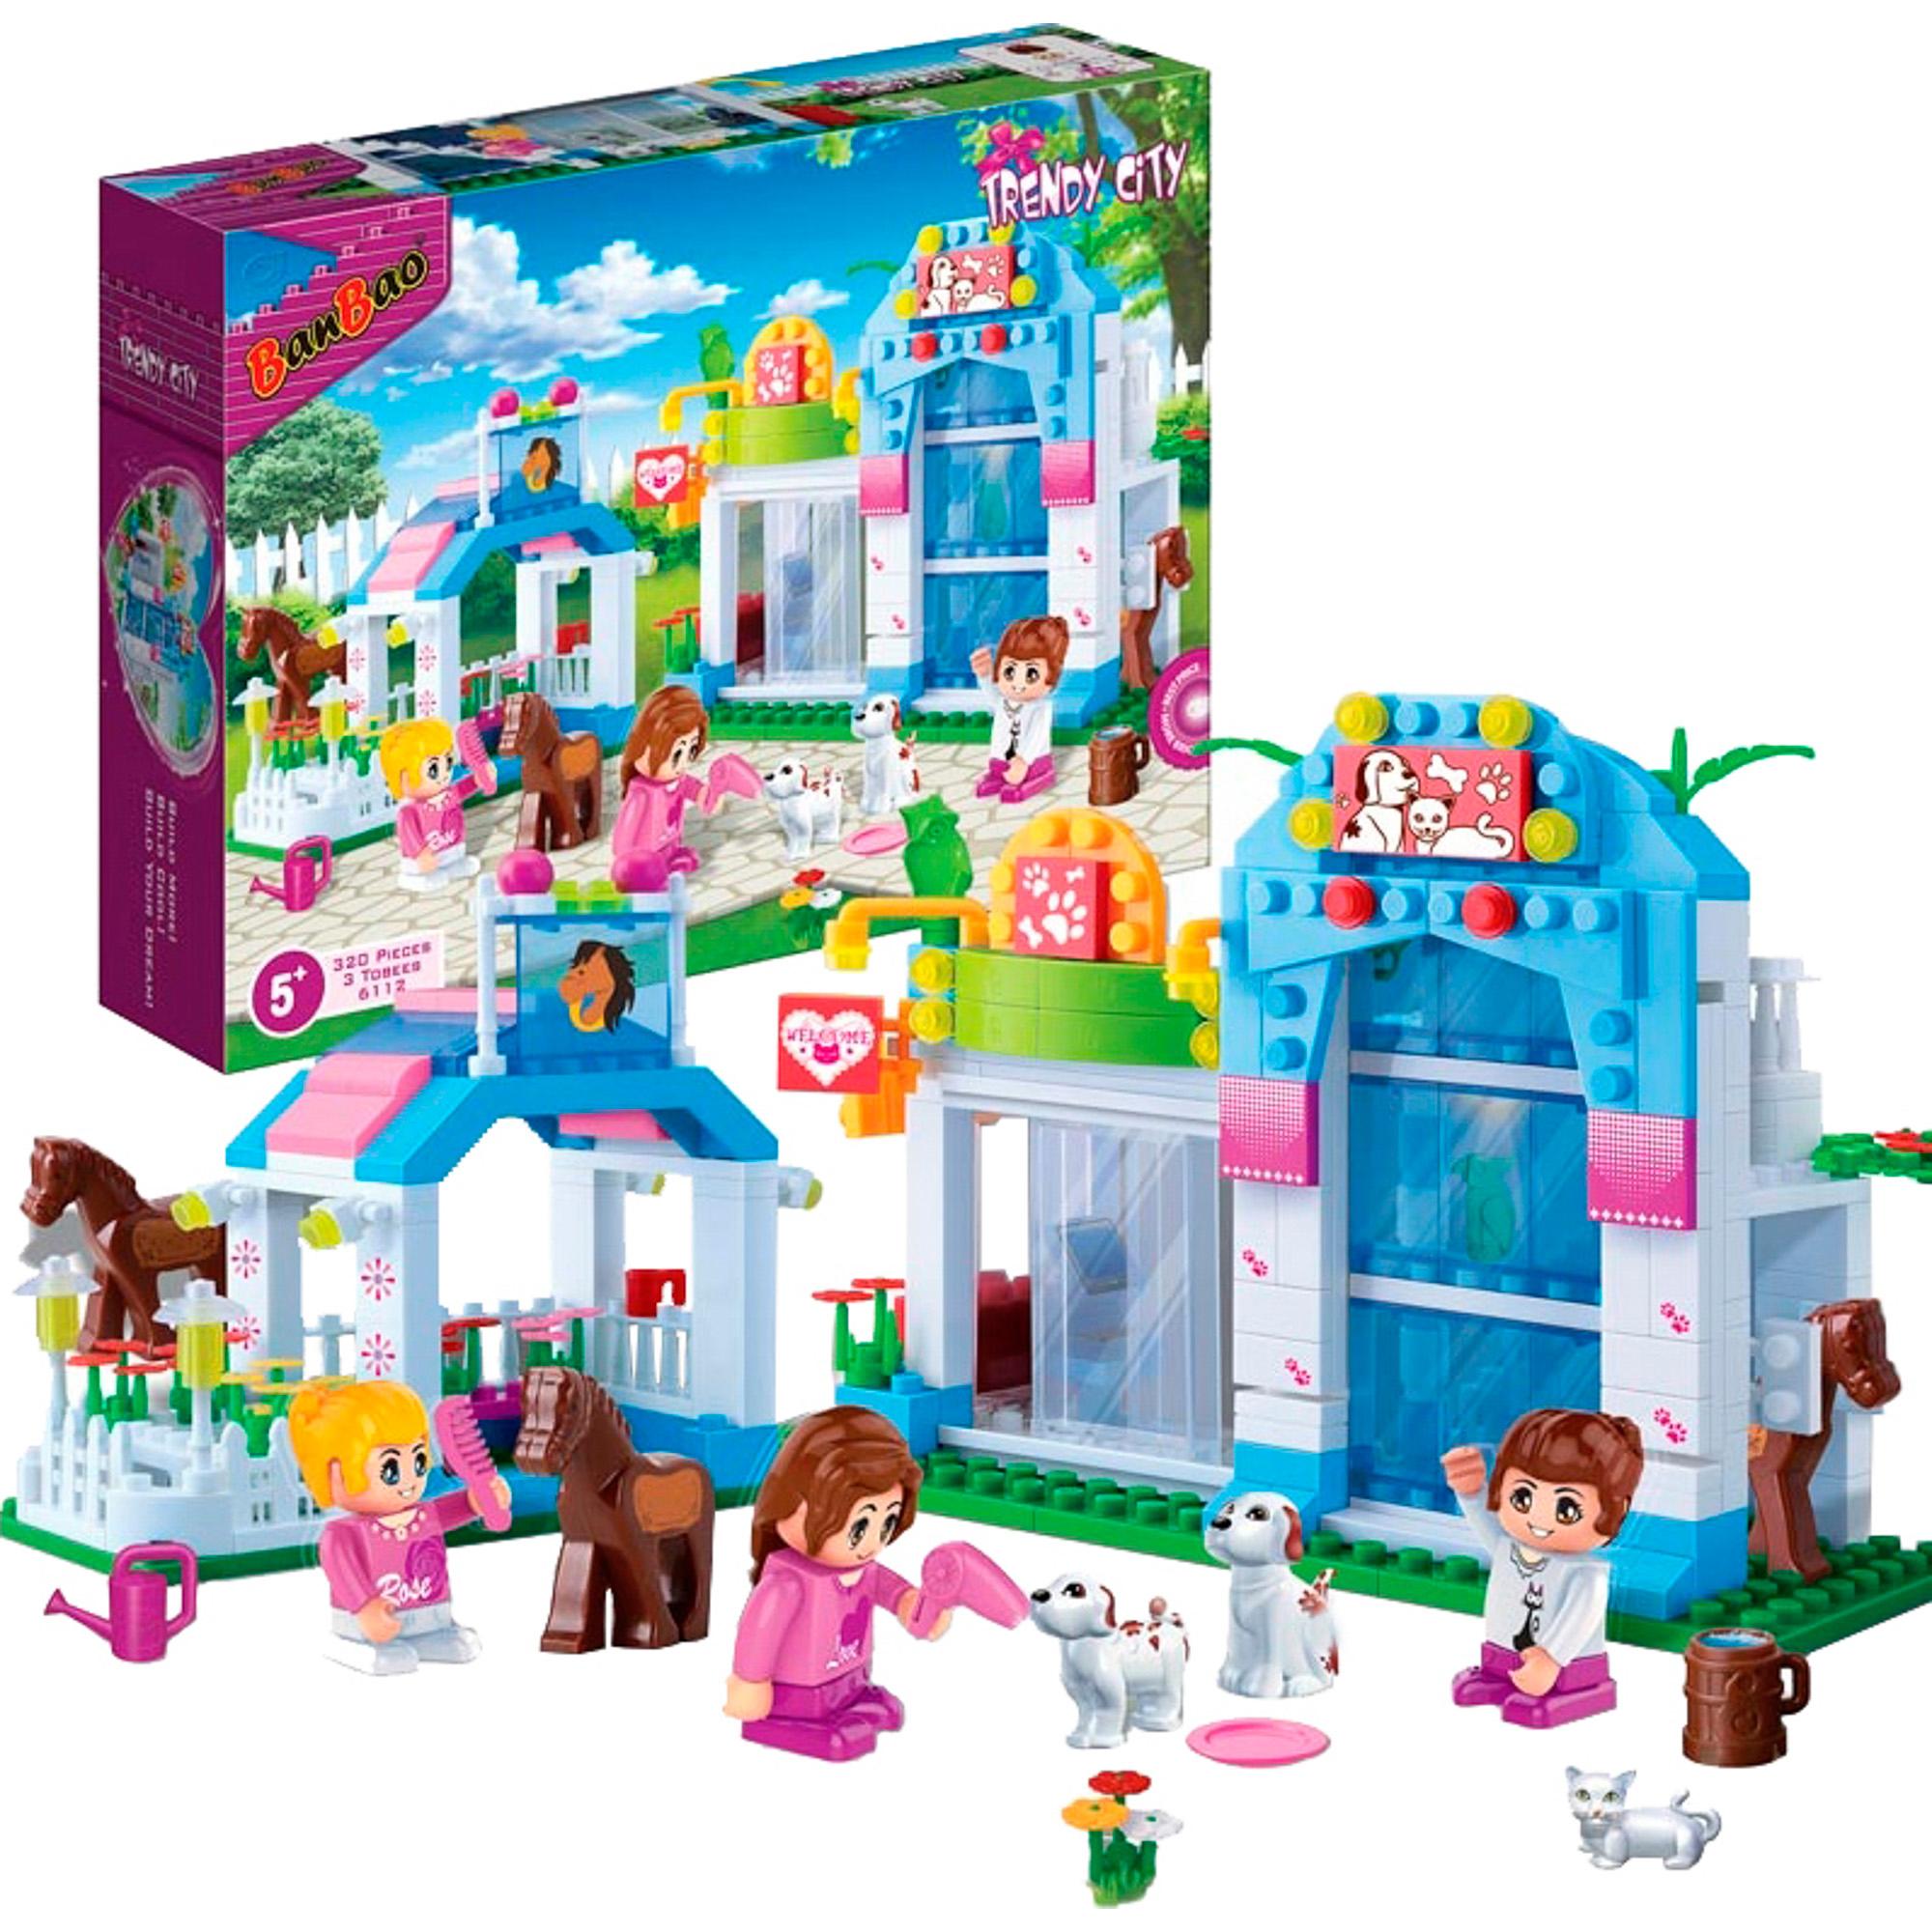 Купить Конструктор BanBao Зоомагазин, Китай, пластик, для девочек, Конструкторы, пазлы